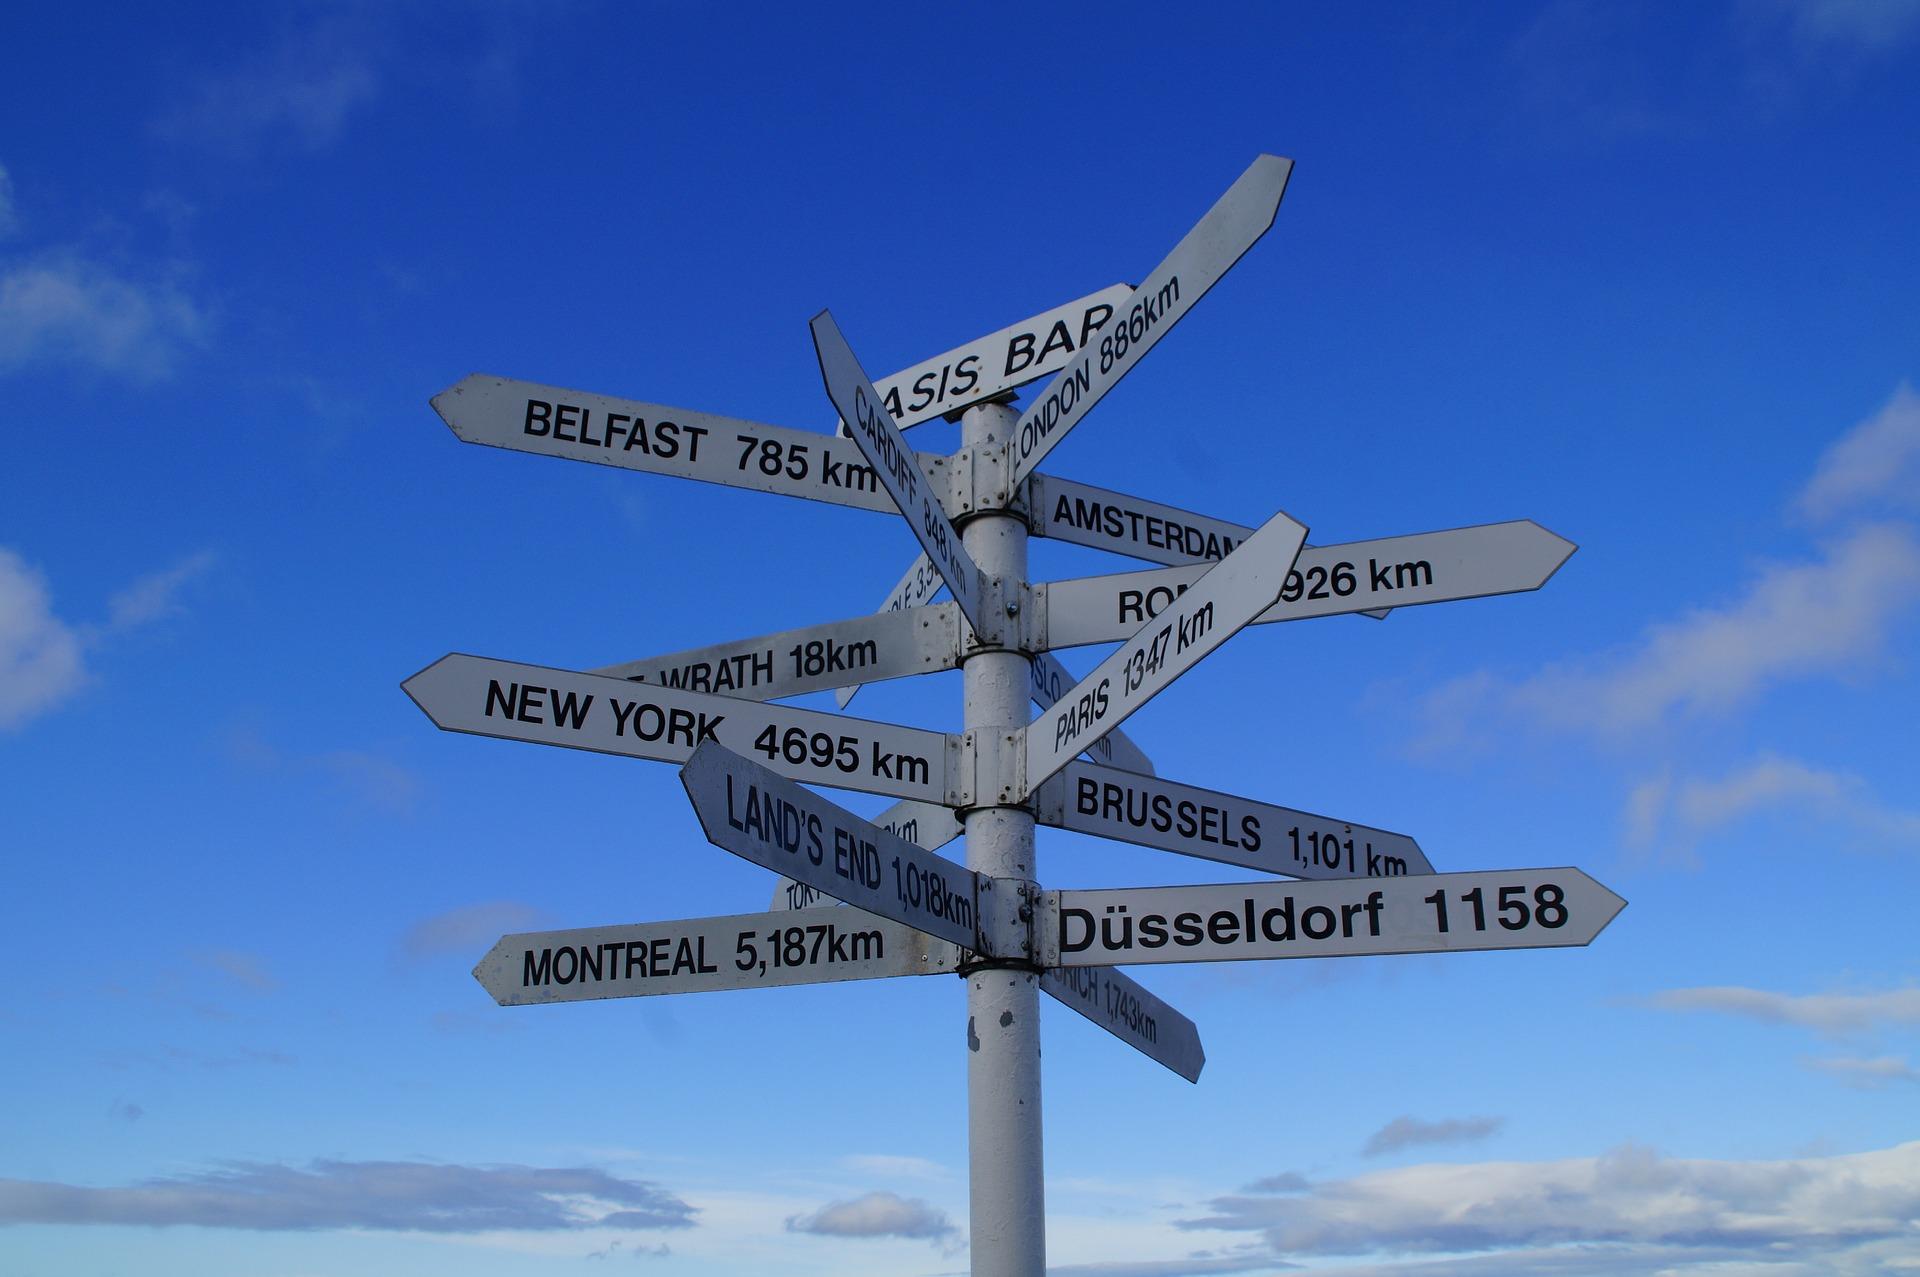 多くの地名を示した標識